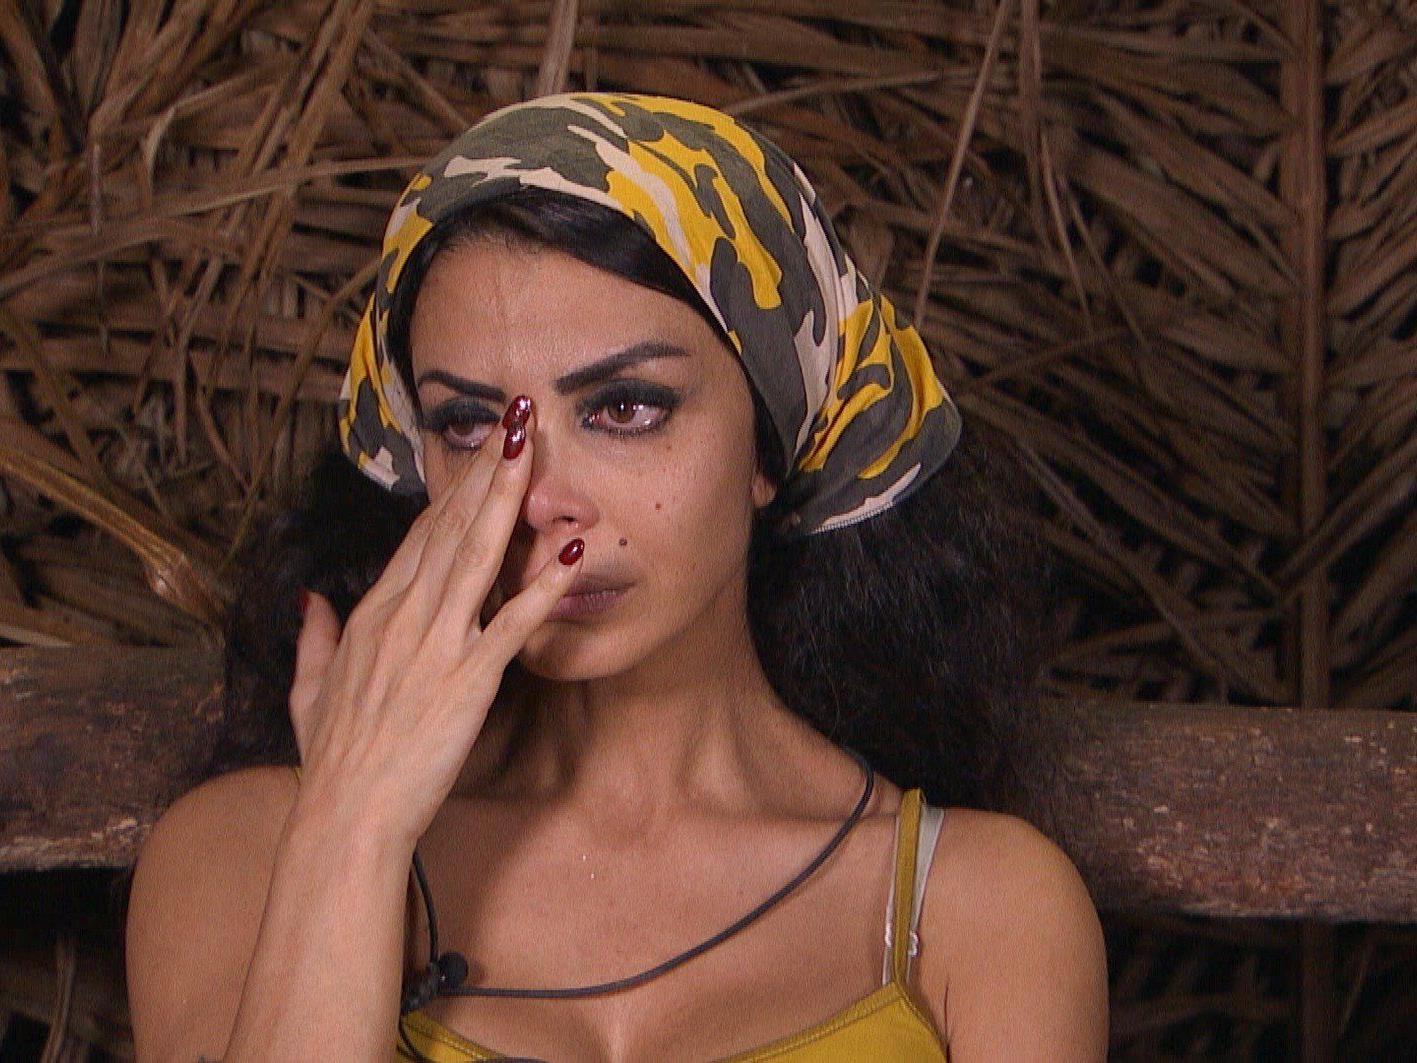 Dschungelcamp Tag 3: Kader Loth ist mit ihren Nerven am Ende.